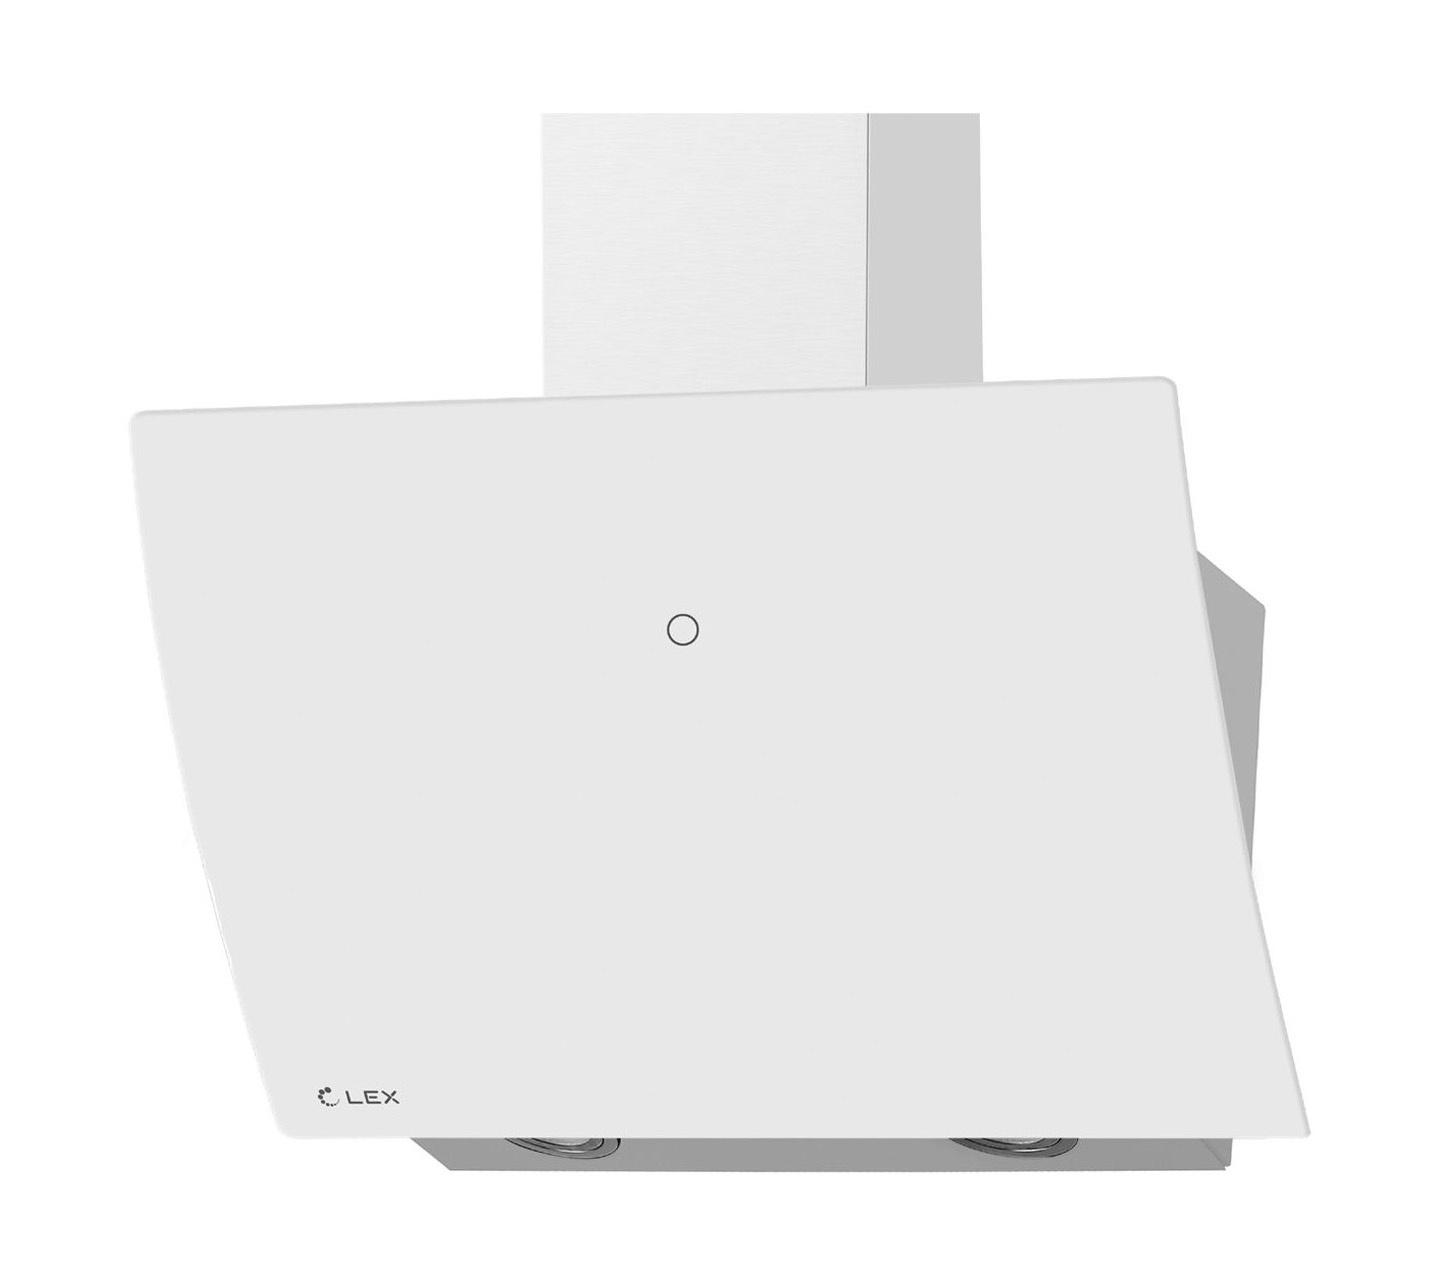 Вытяжка LEX Plaza GS 600 WH белый